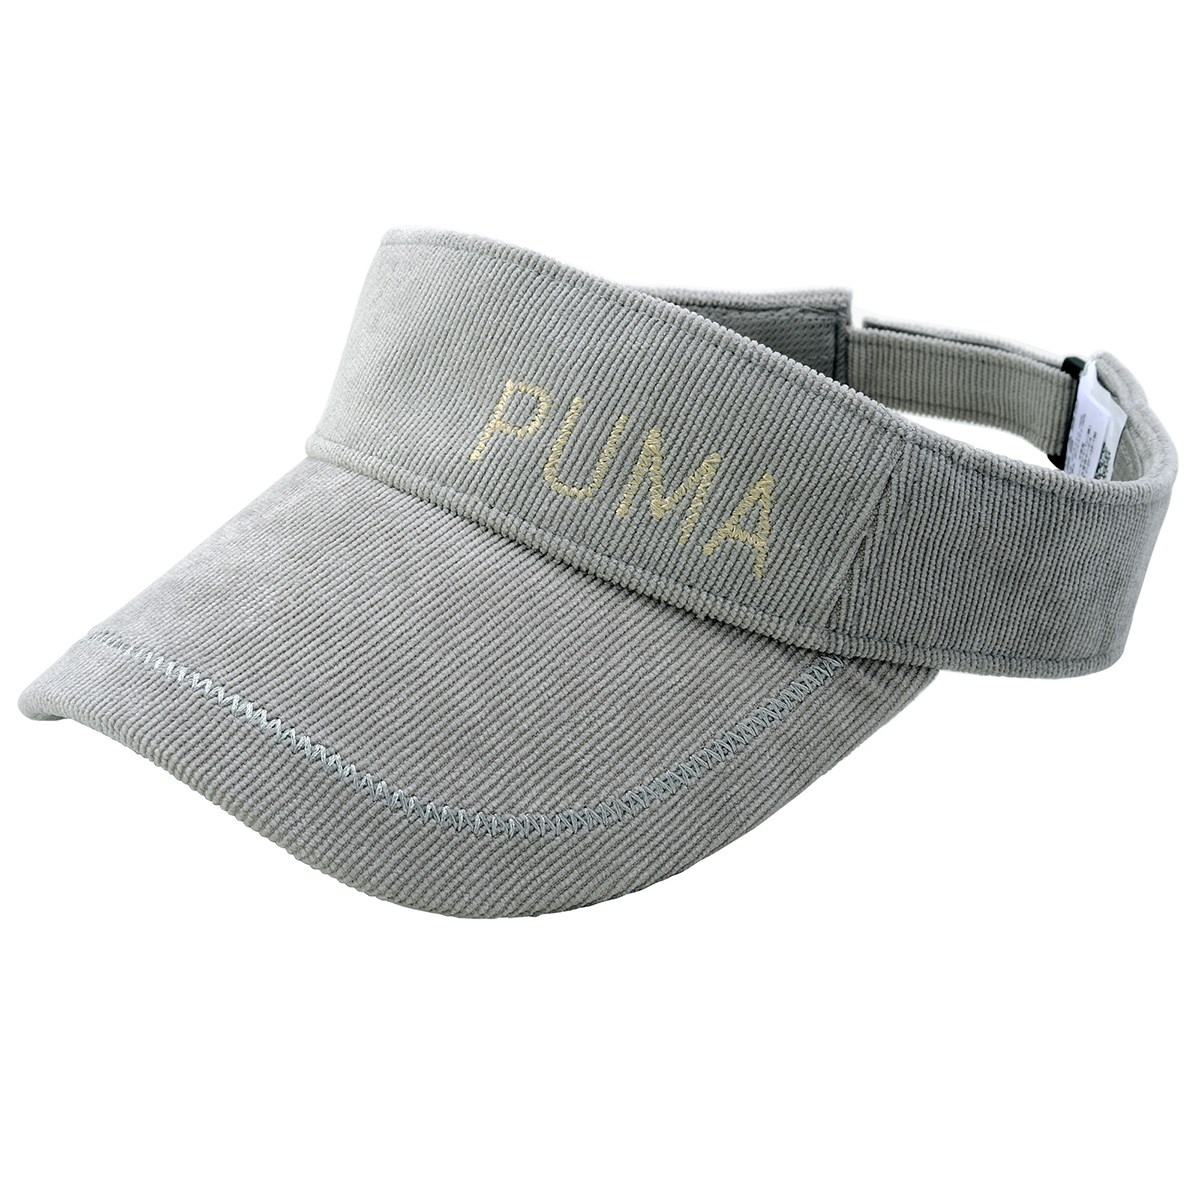 プーマ PUMA シーズナル サンバイザー フリー グレーバイオレット 02 レディス